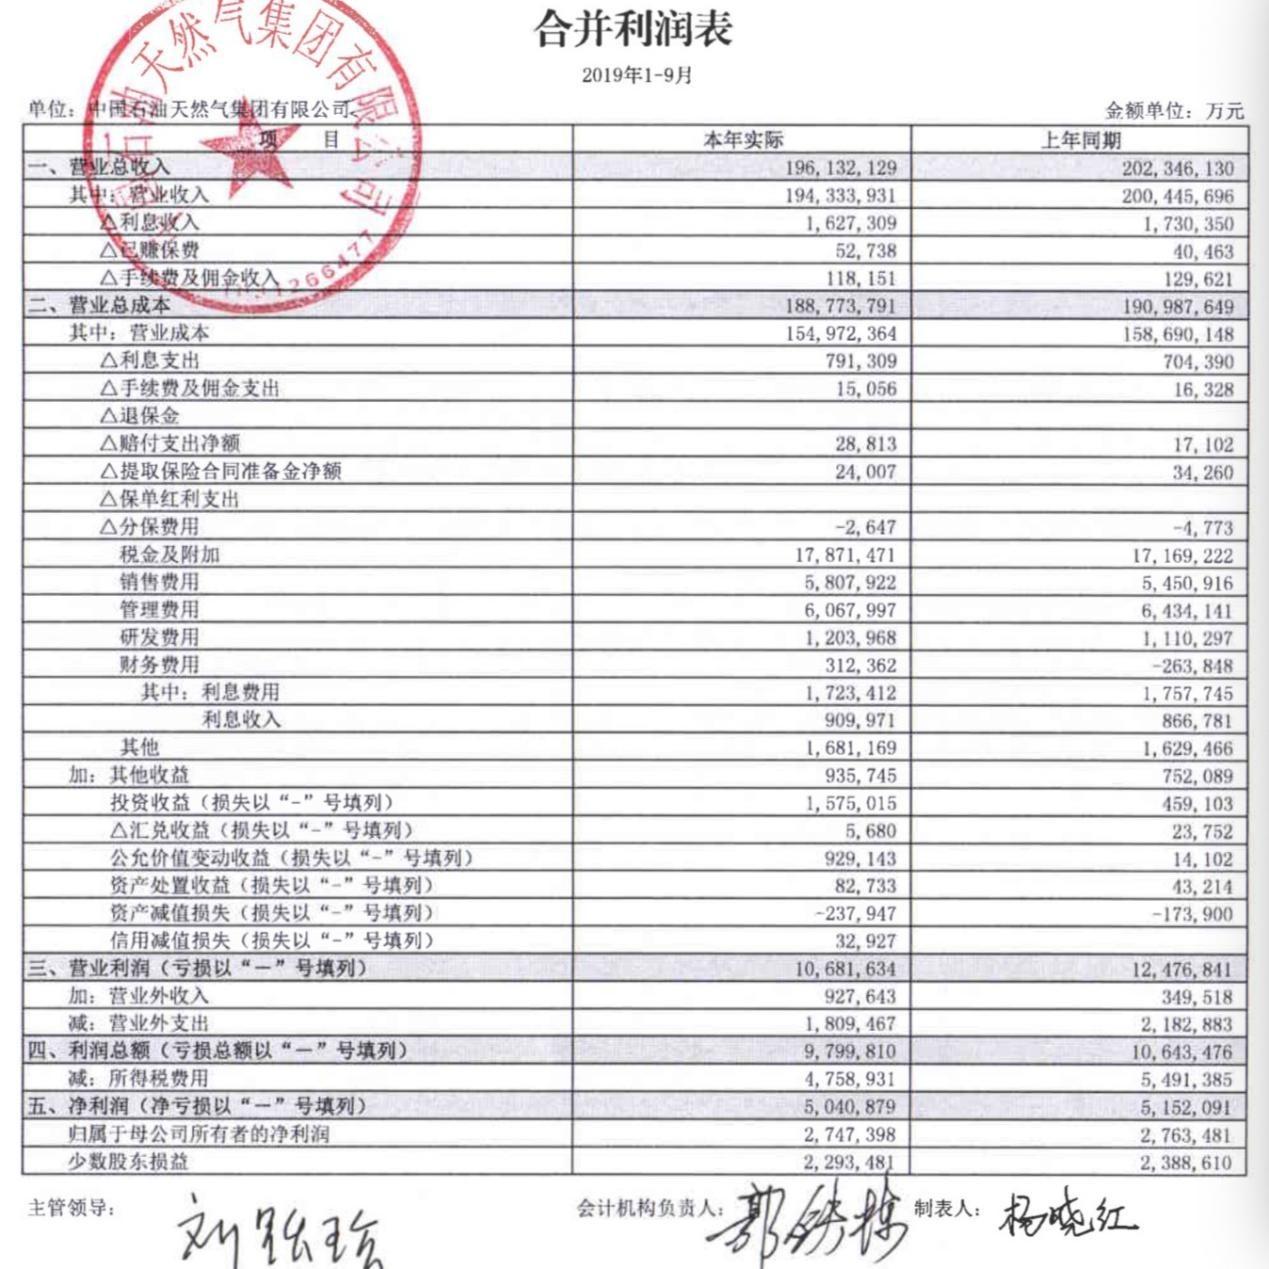 中石油集团营收跌破2万亿 董事长王宜林:应对严峻挑战